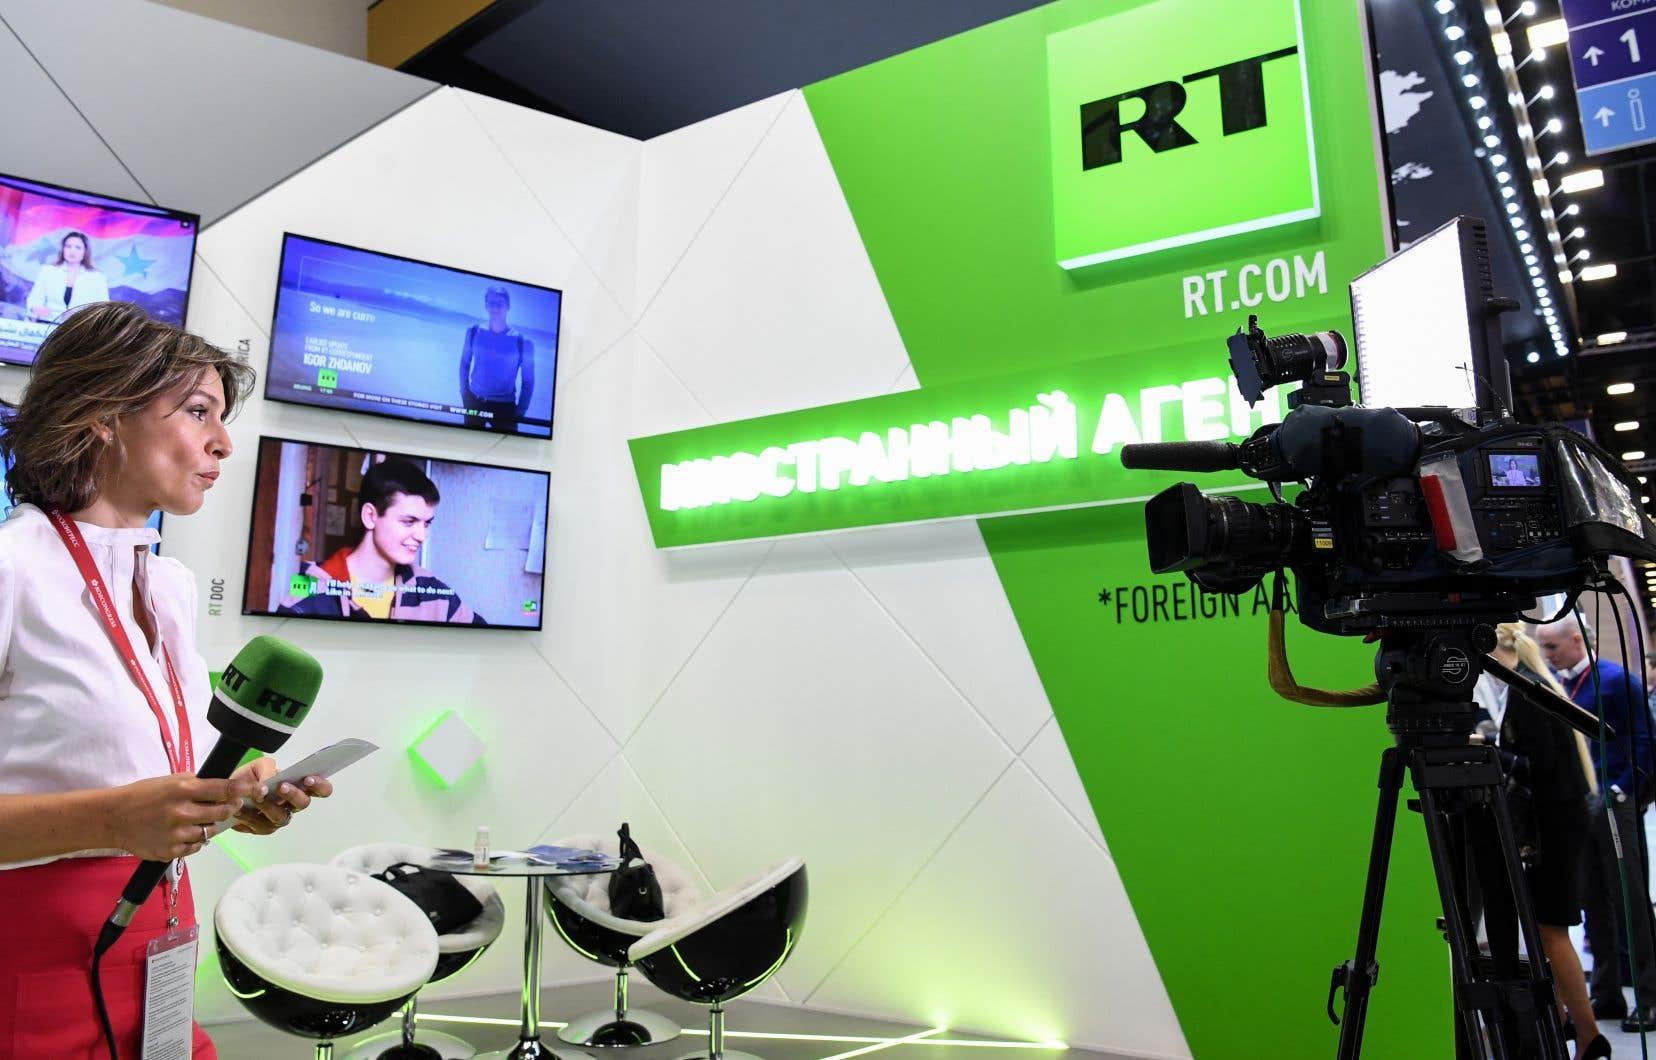 «Notre enquête a déterminé que RT n'avait pas respecté l'impartialité nécessaire dans sept programmes d'actualité diffusés entre le 17mars et le 26avril 2018», a souligné l'Ofcom.